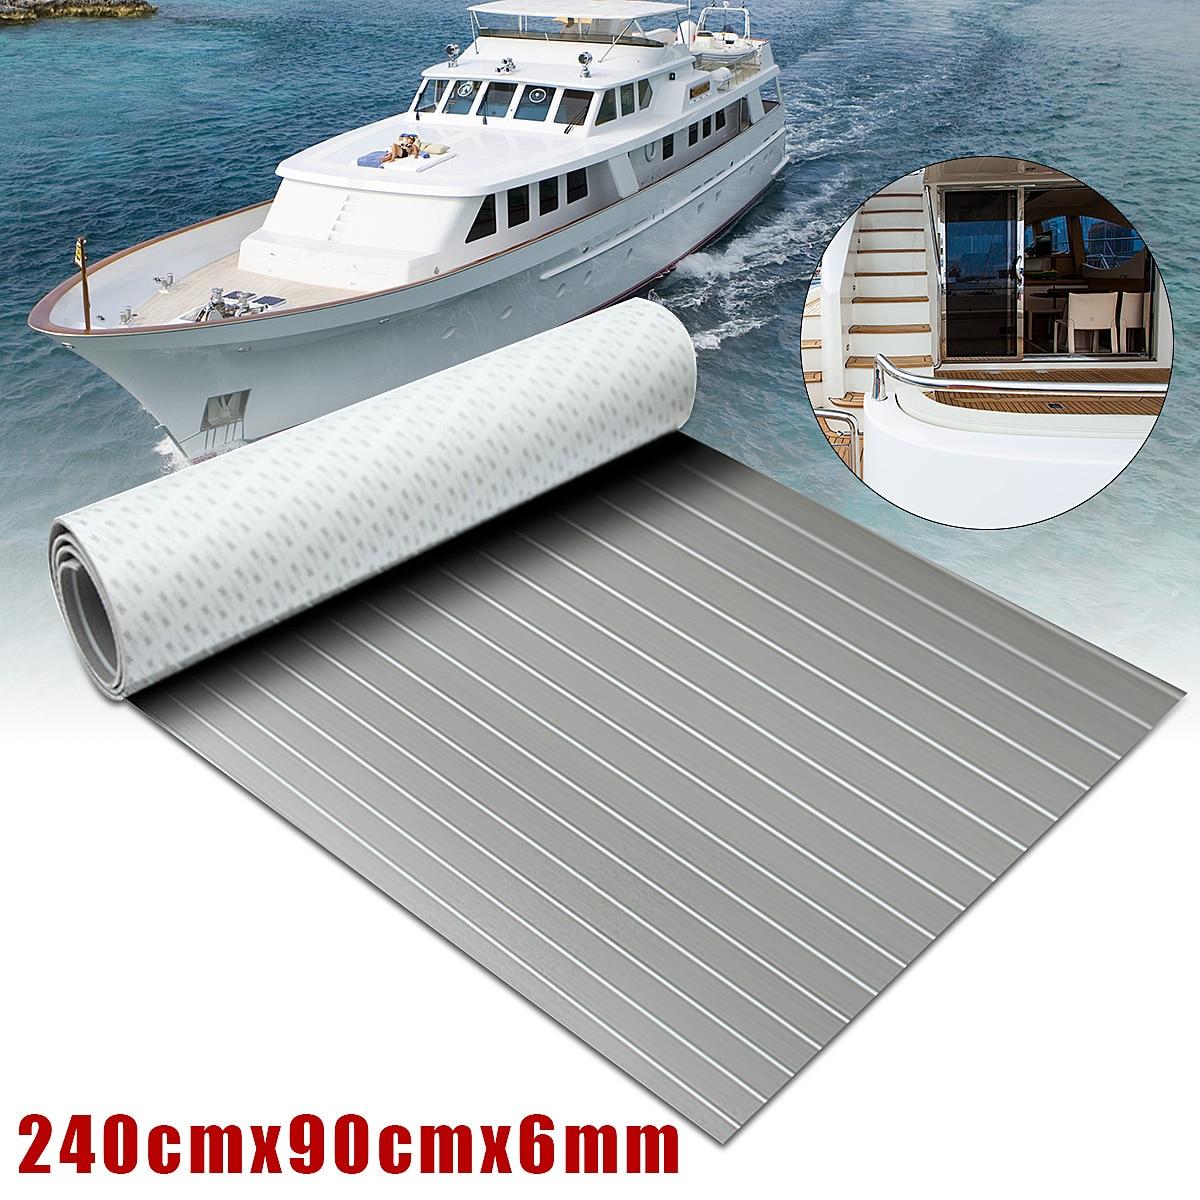 1 pz 2400x900x6mm Auto-Adesivo In Schiuma EVA Copriletto Grigio Con Bianco Linea Marine Pavimenti In faux Teak Barca Decking Pad